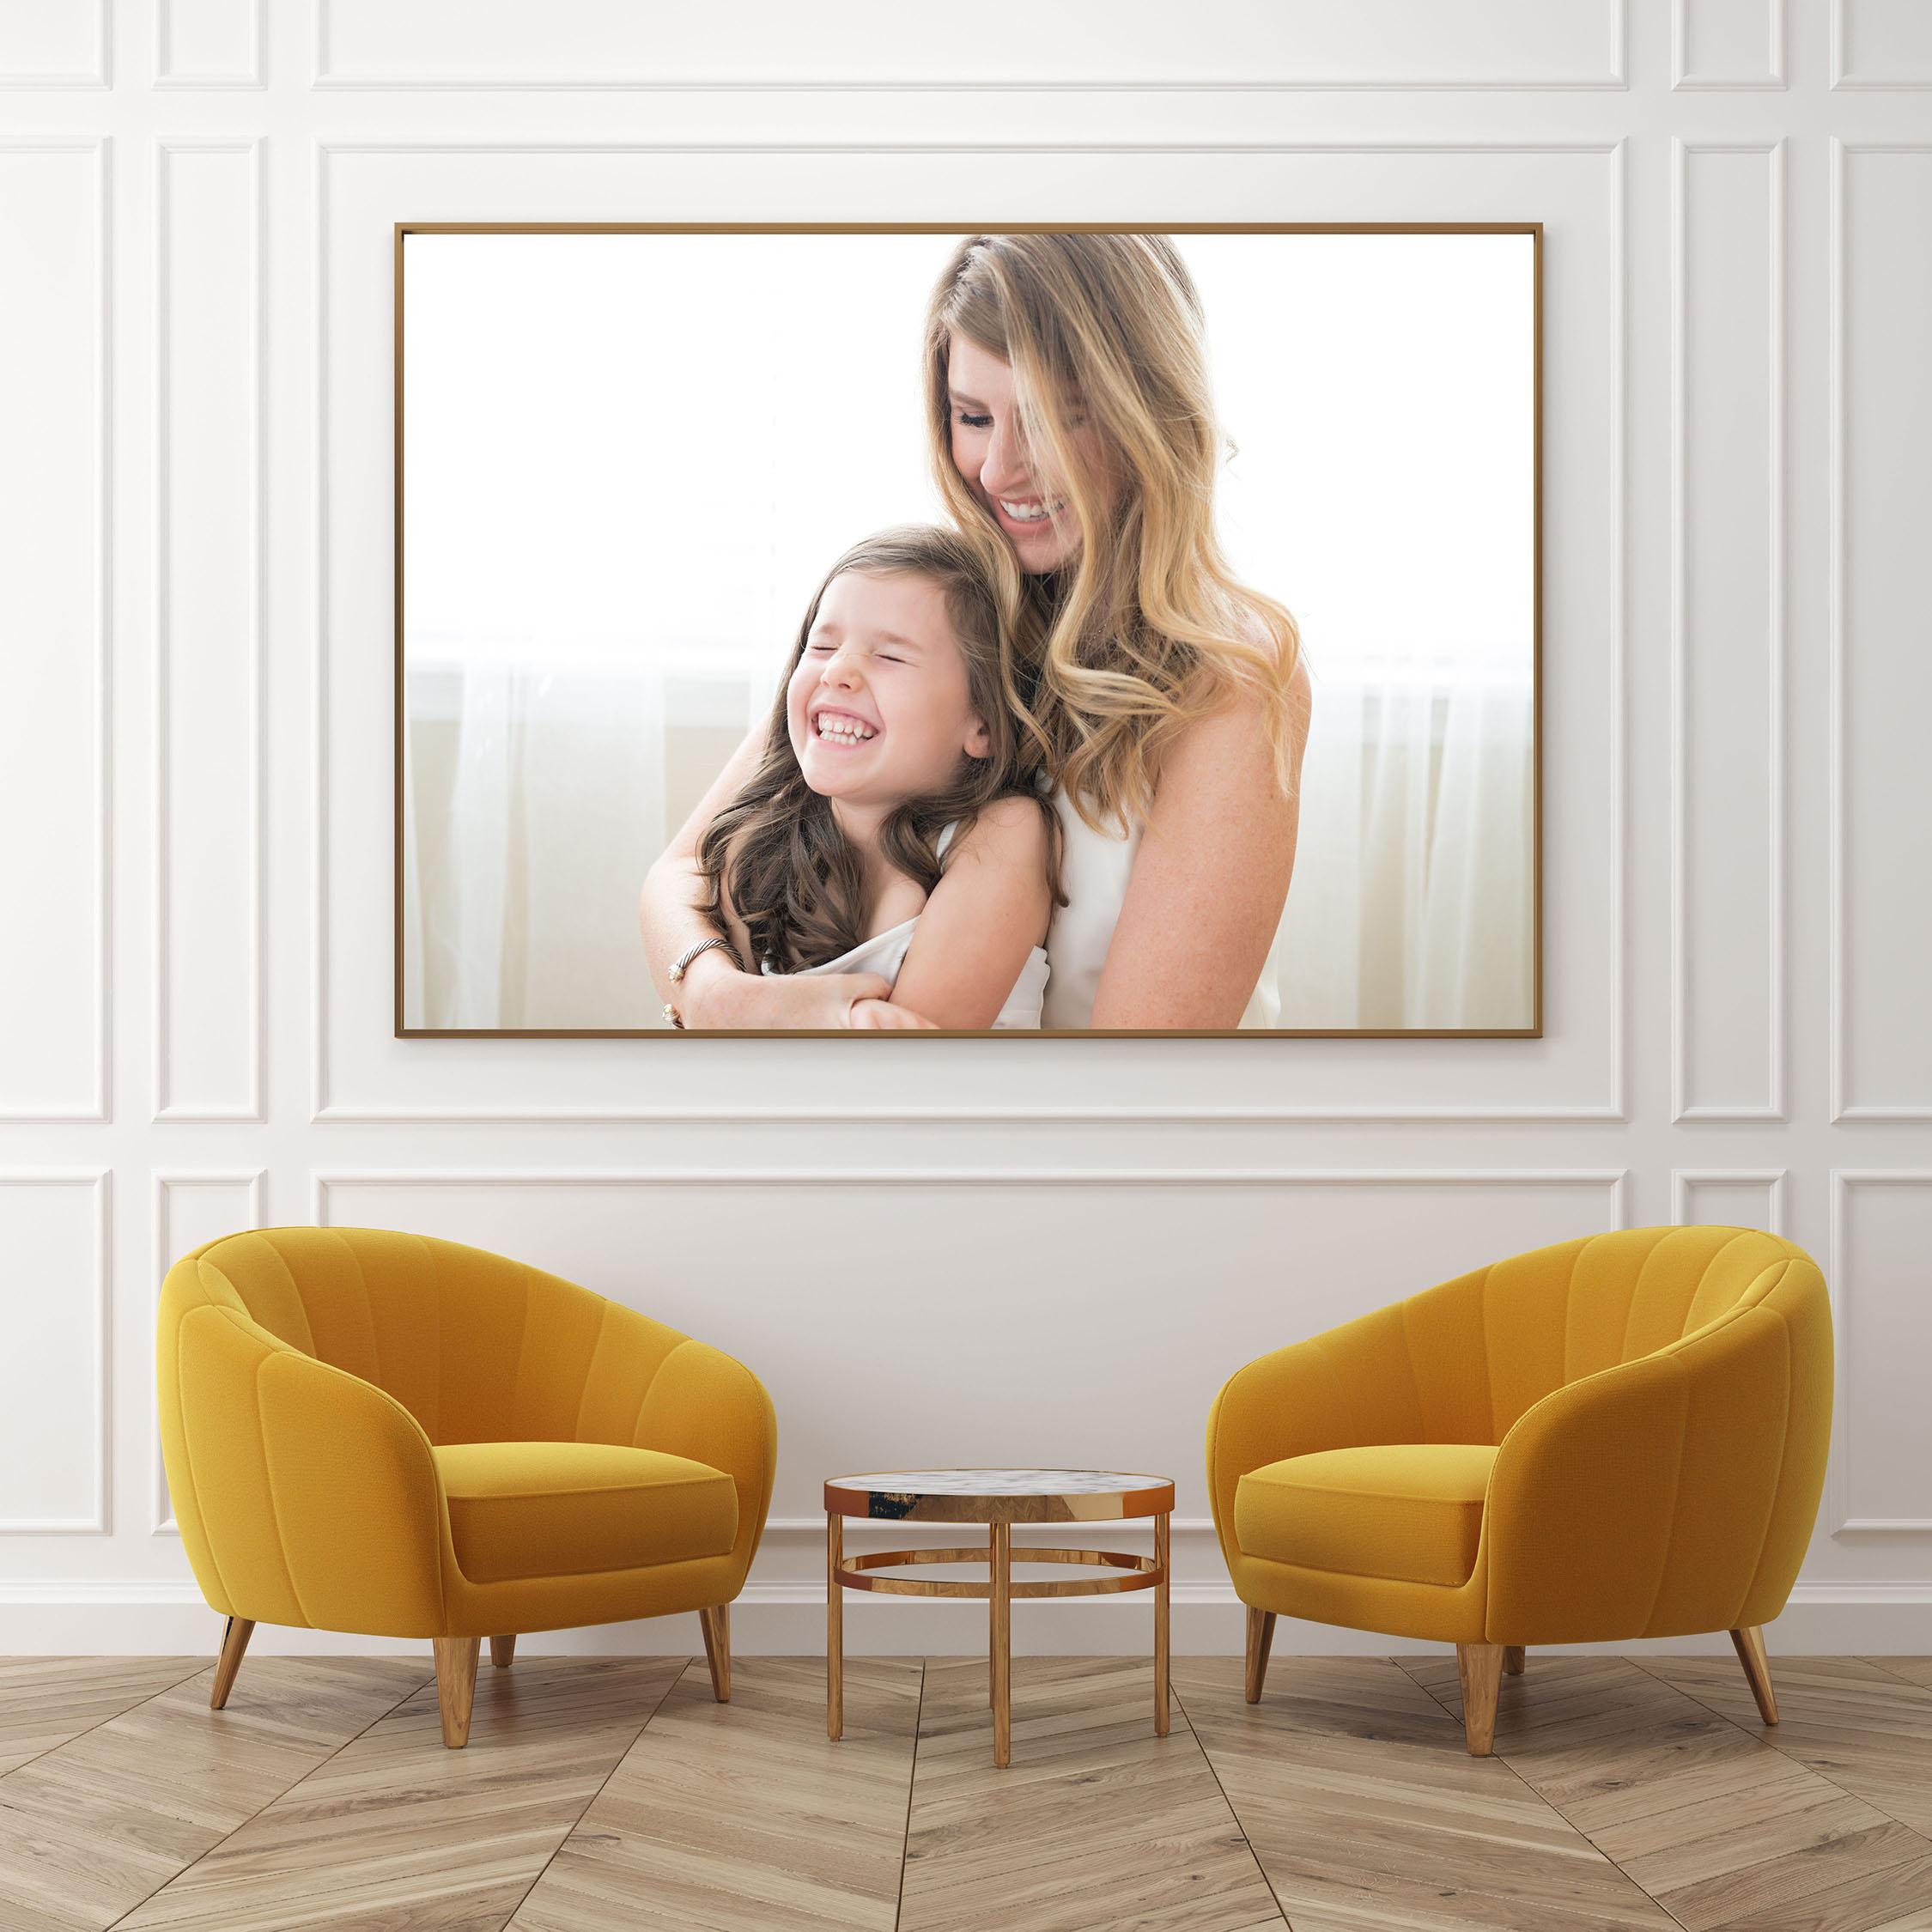 Lexington-Ky-Family-Photographer.jpg